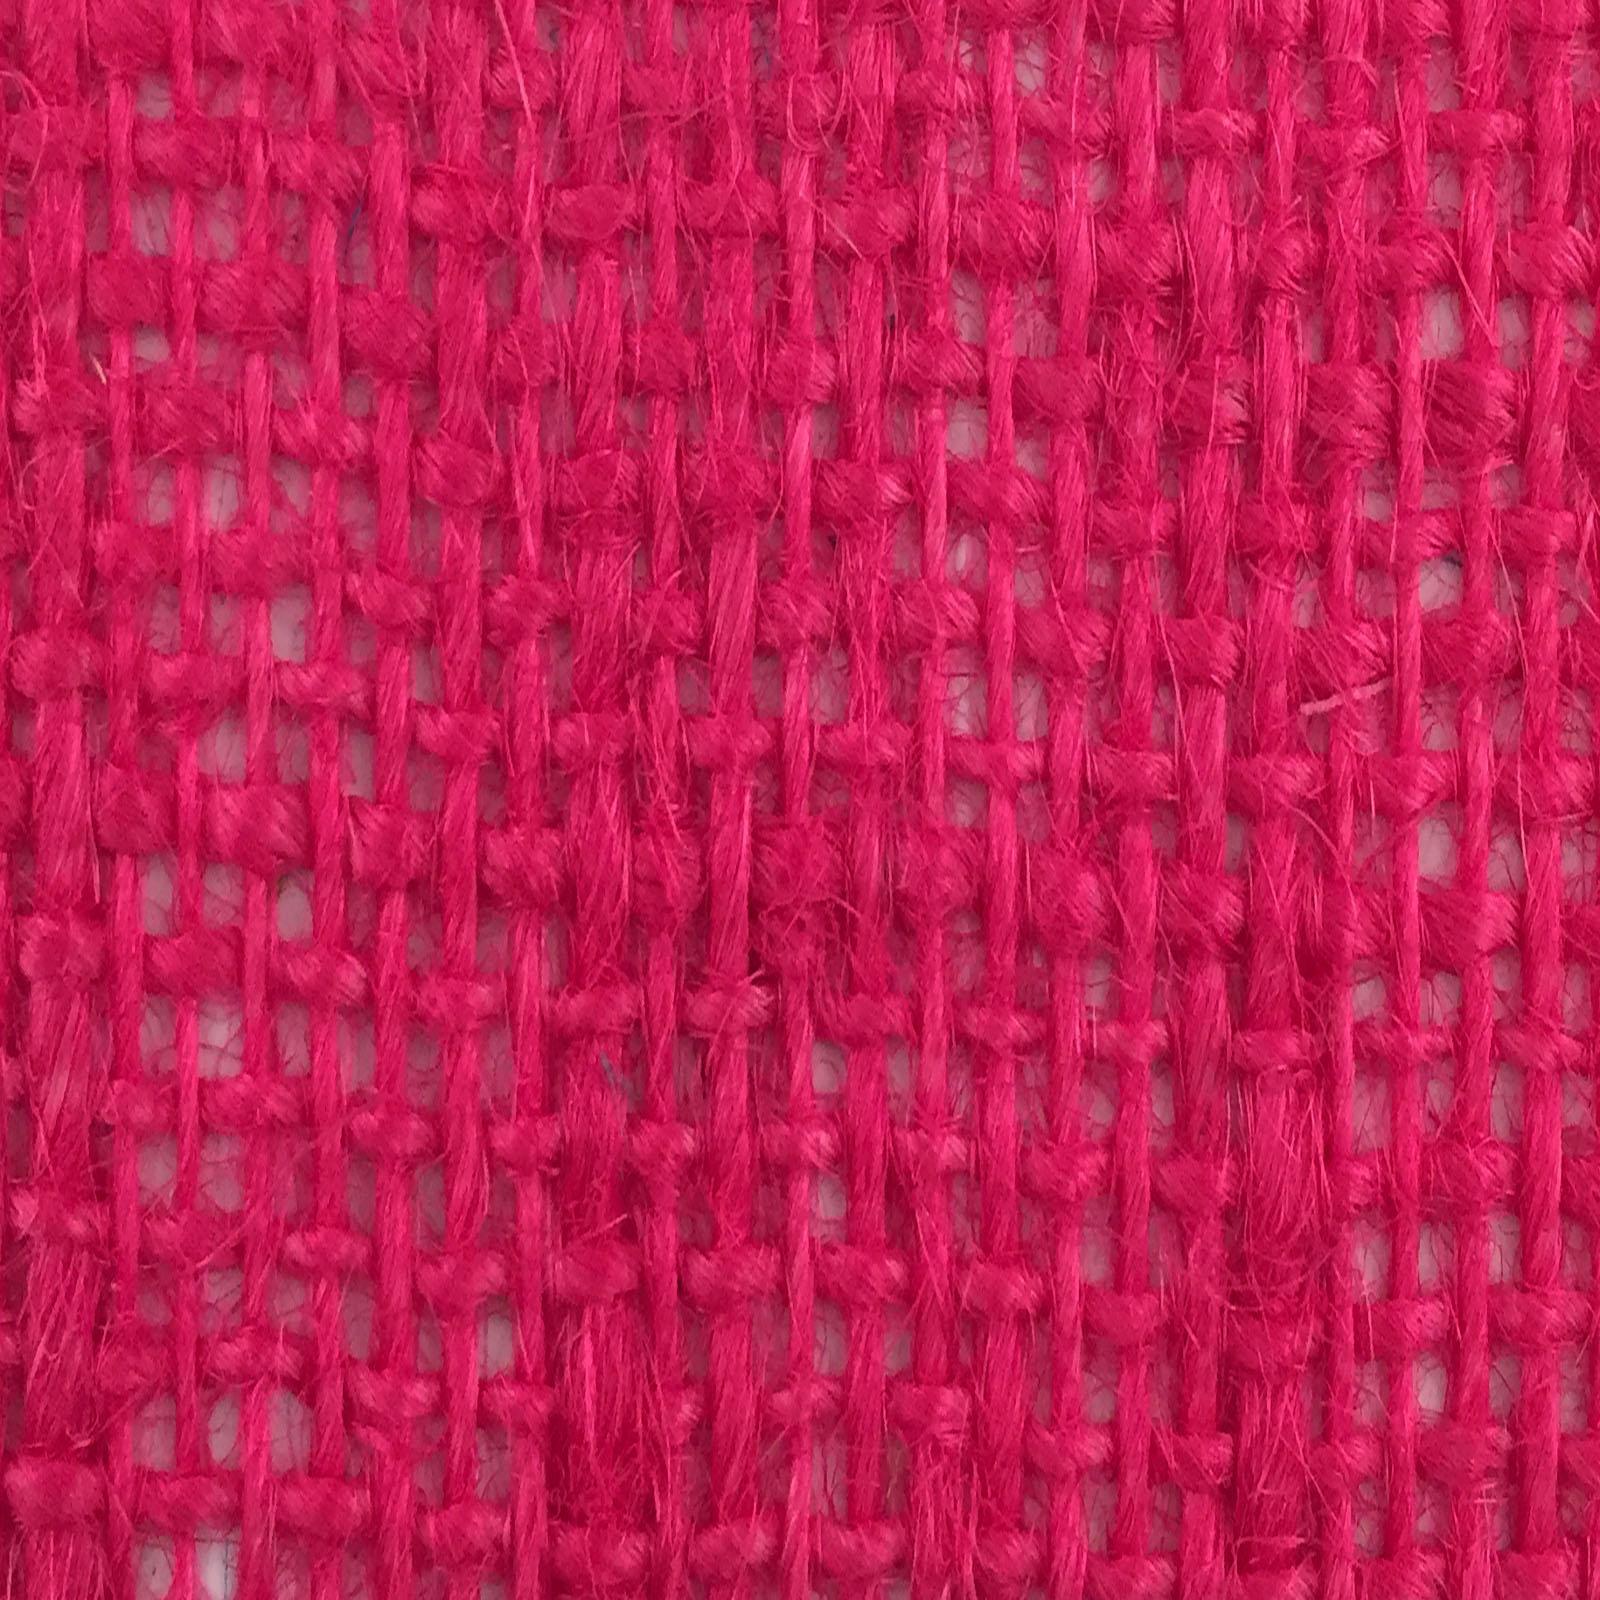 Shalimar Plus Burlap Fuchsia Chicago Canvas Amp Supply